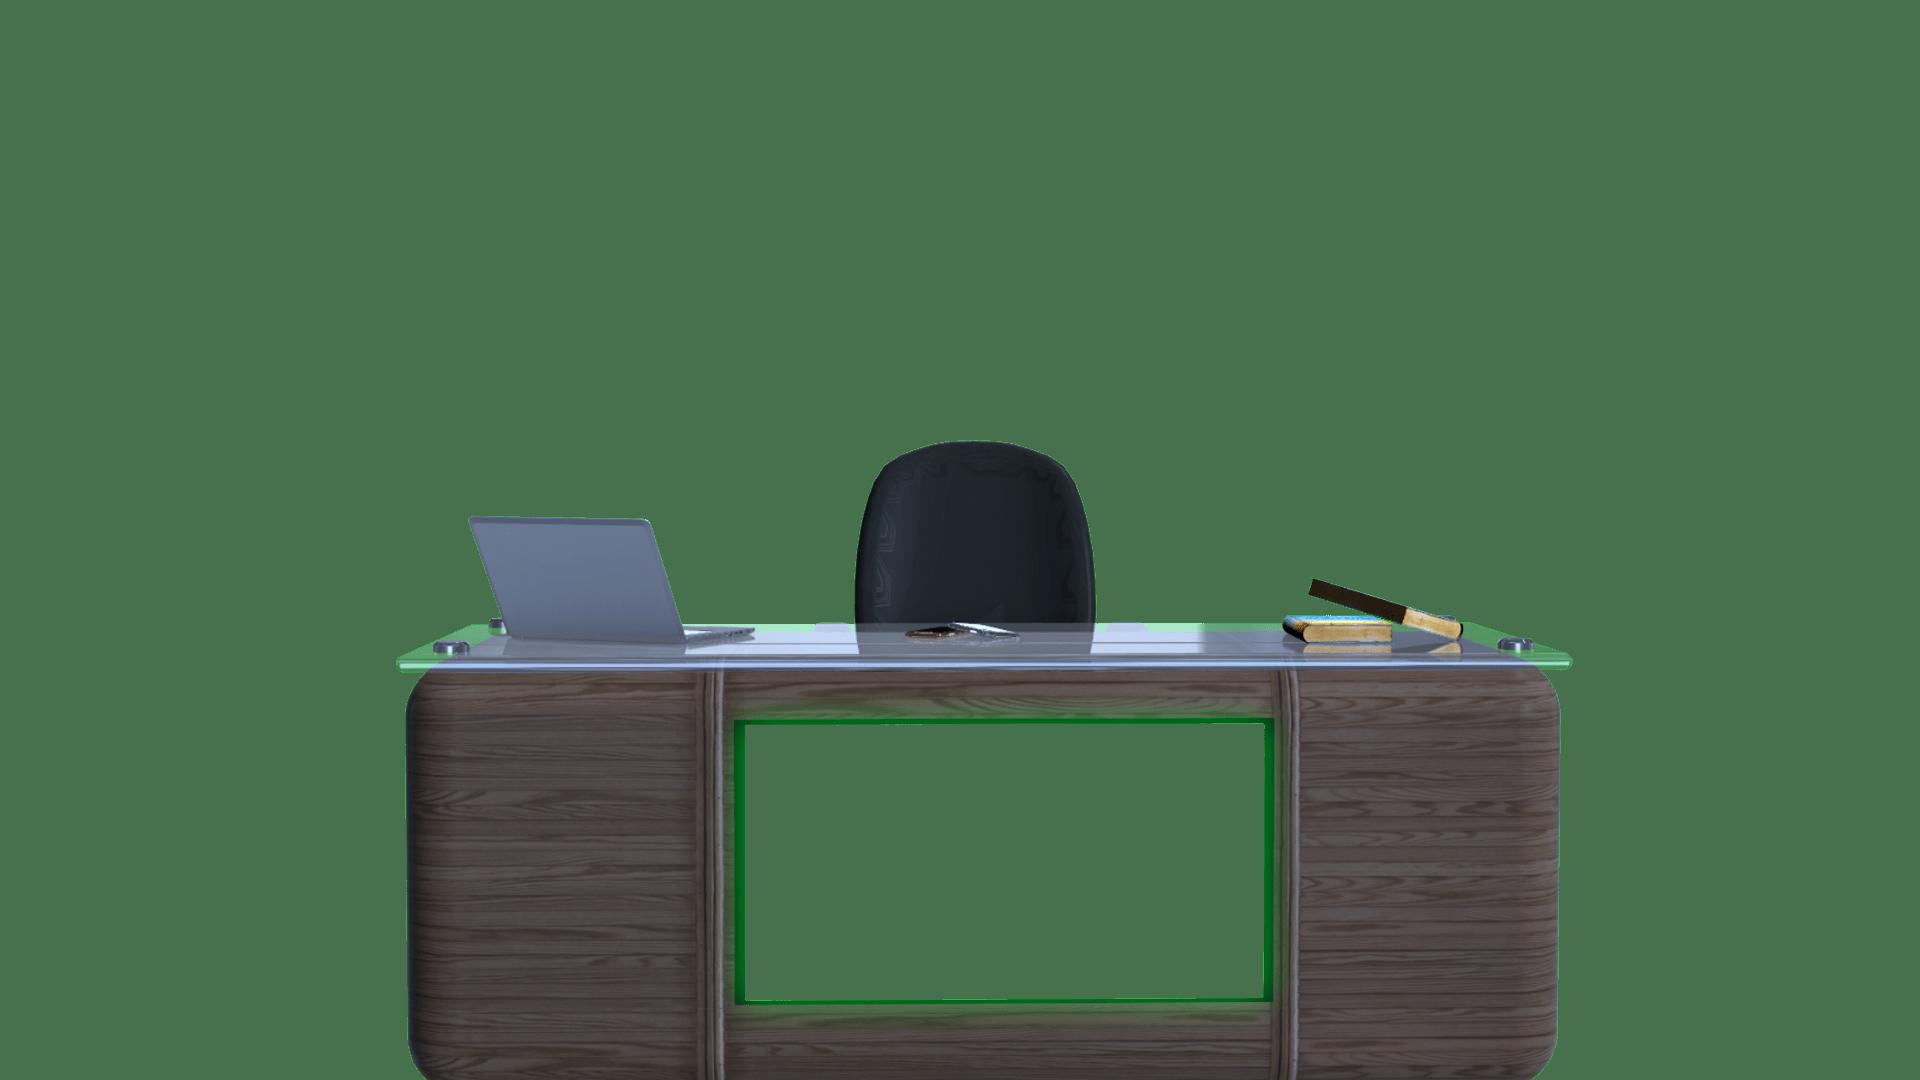 Download Studio Desk Free Png Transparent Image